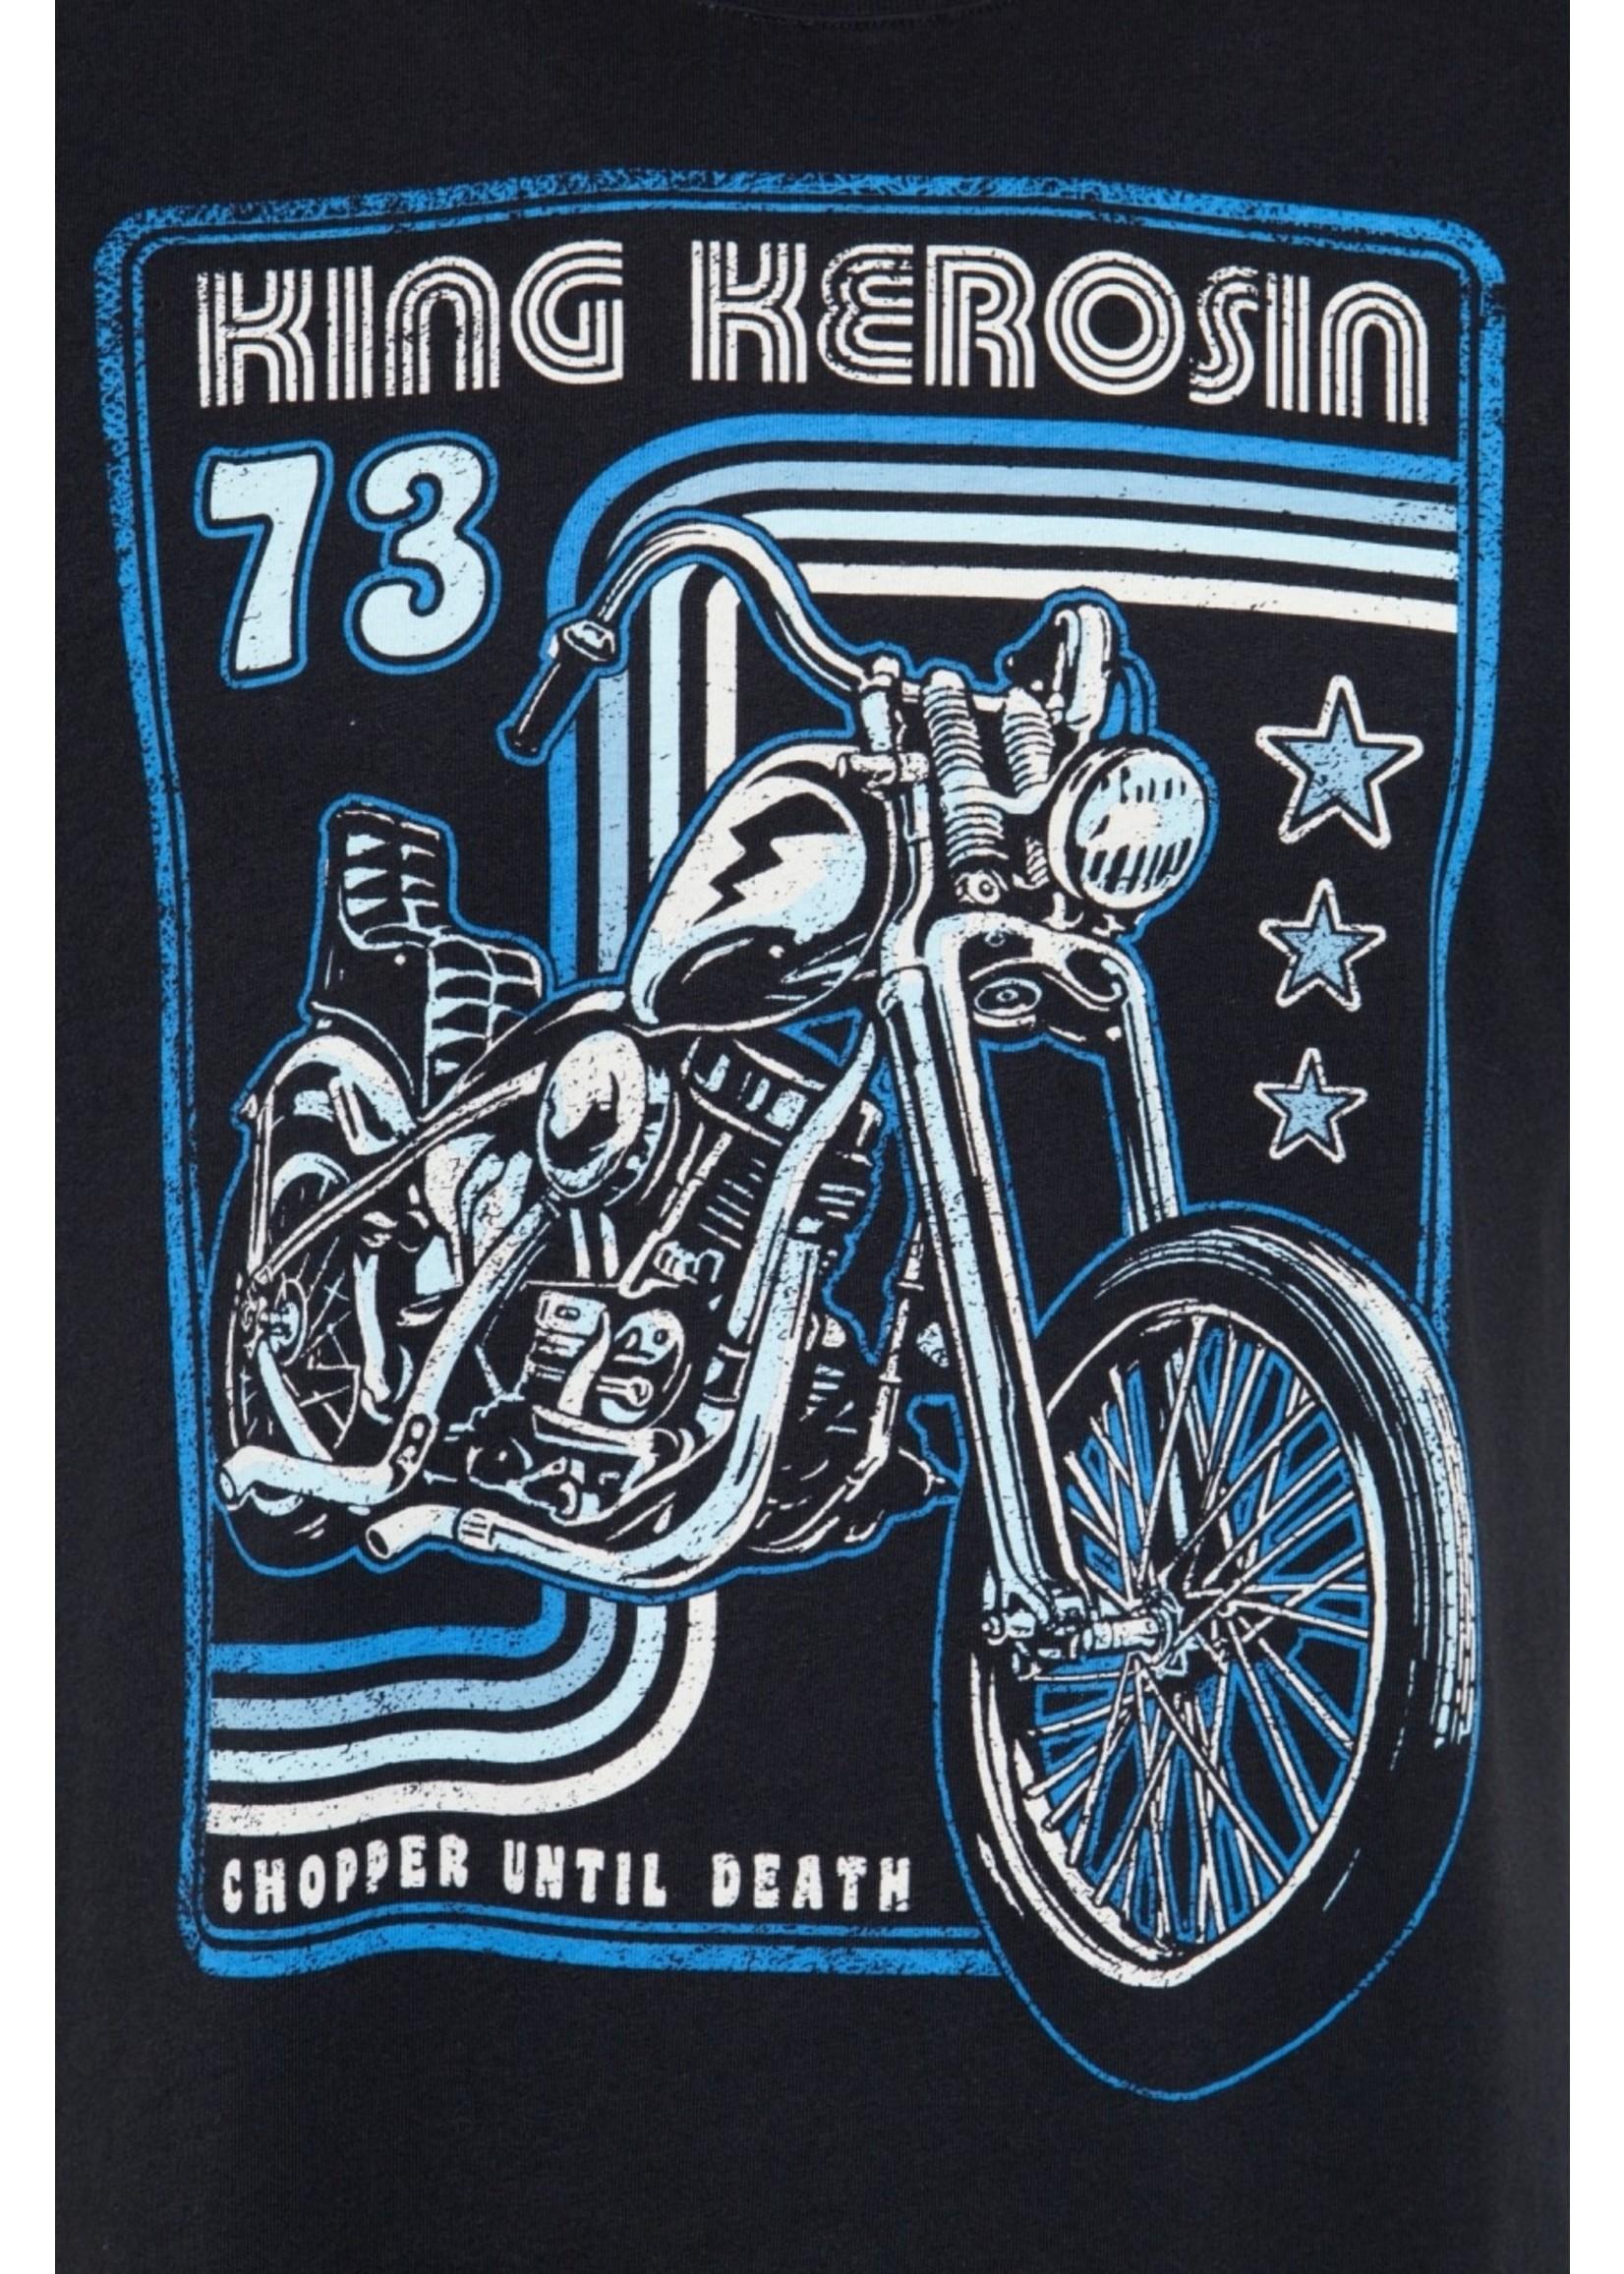 King Kerosin King Kerosin T-Shirt Chopper Until Death in Black